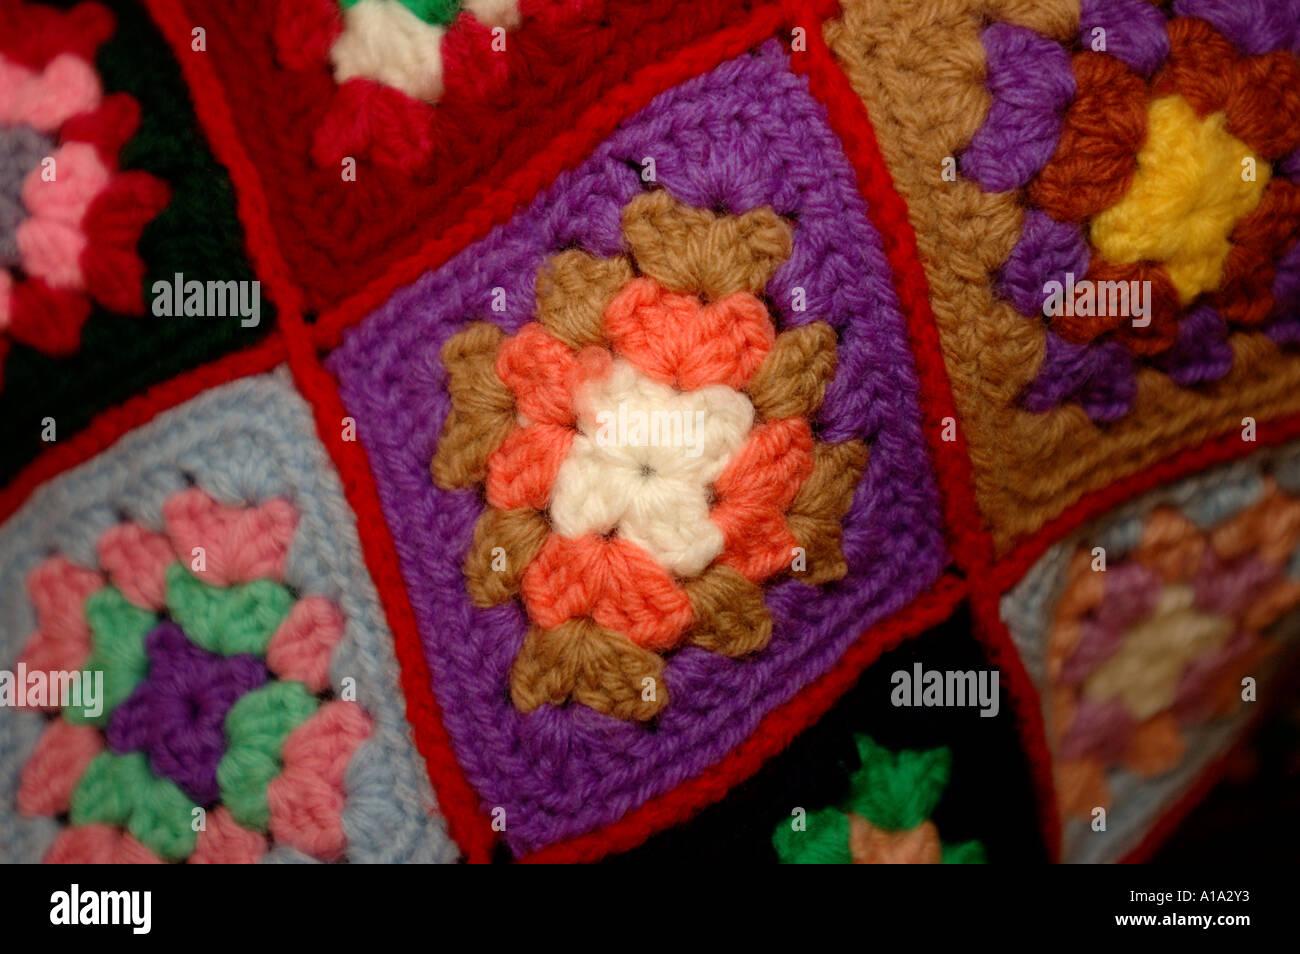 Aguja de Tejer tejer afgano trabajo hobby patrones patrón de hilo ...